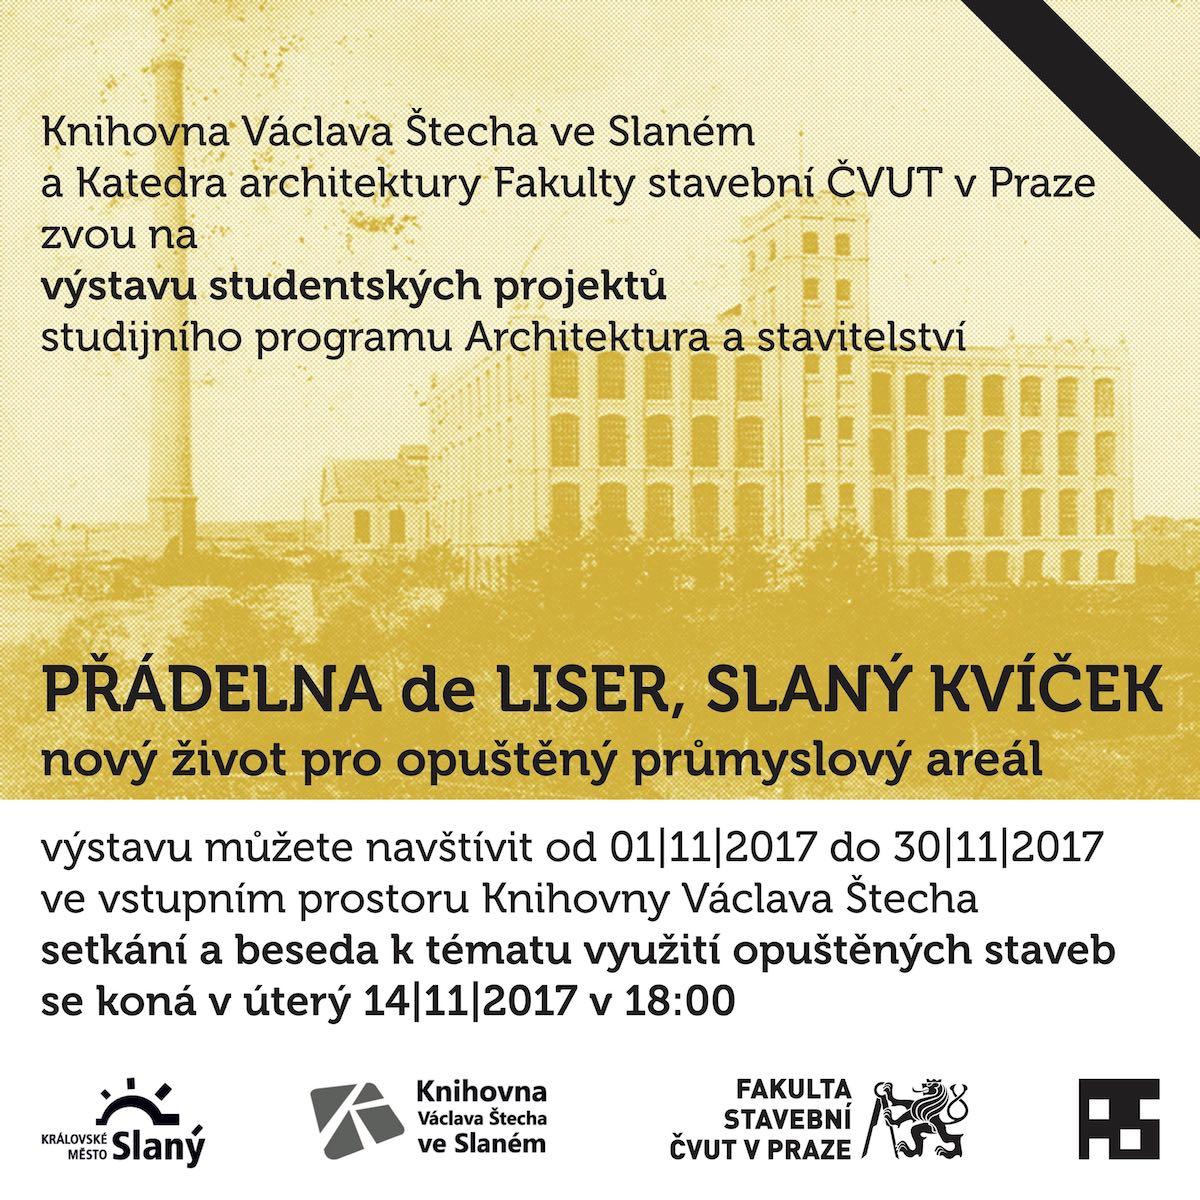 Výstava studenstkých prací Přádelna de Liser ve Slaném